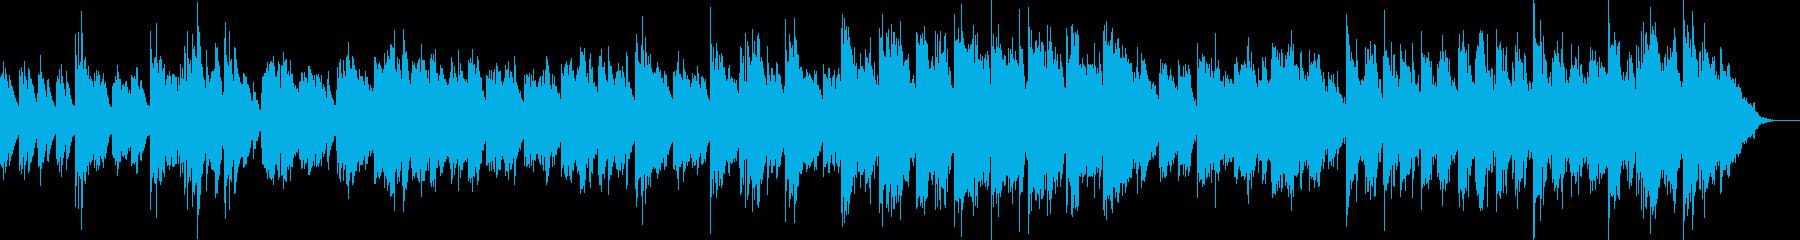 繊細で温かみのある柔らかなサウンドの再生済みの波形